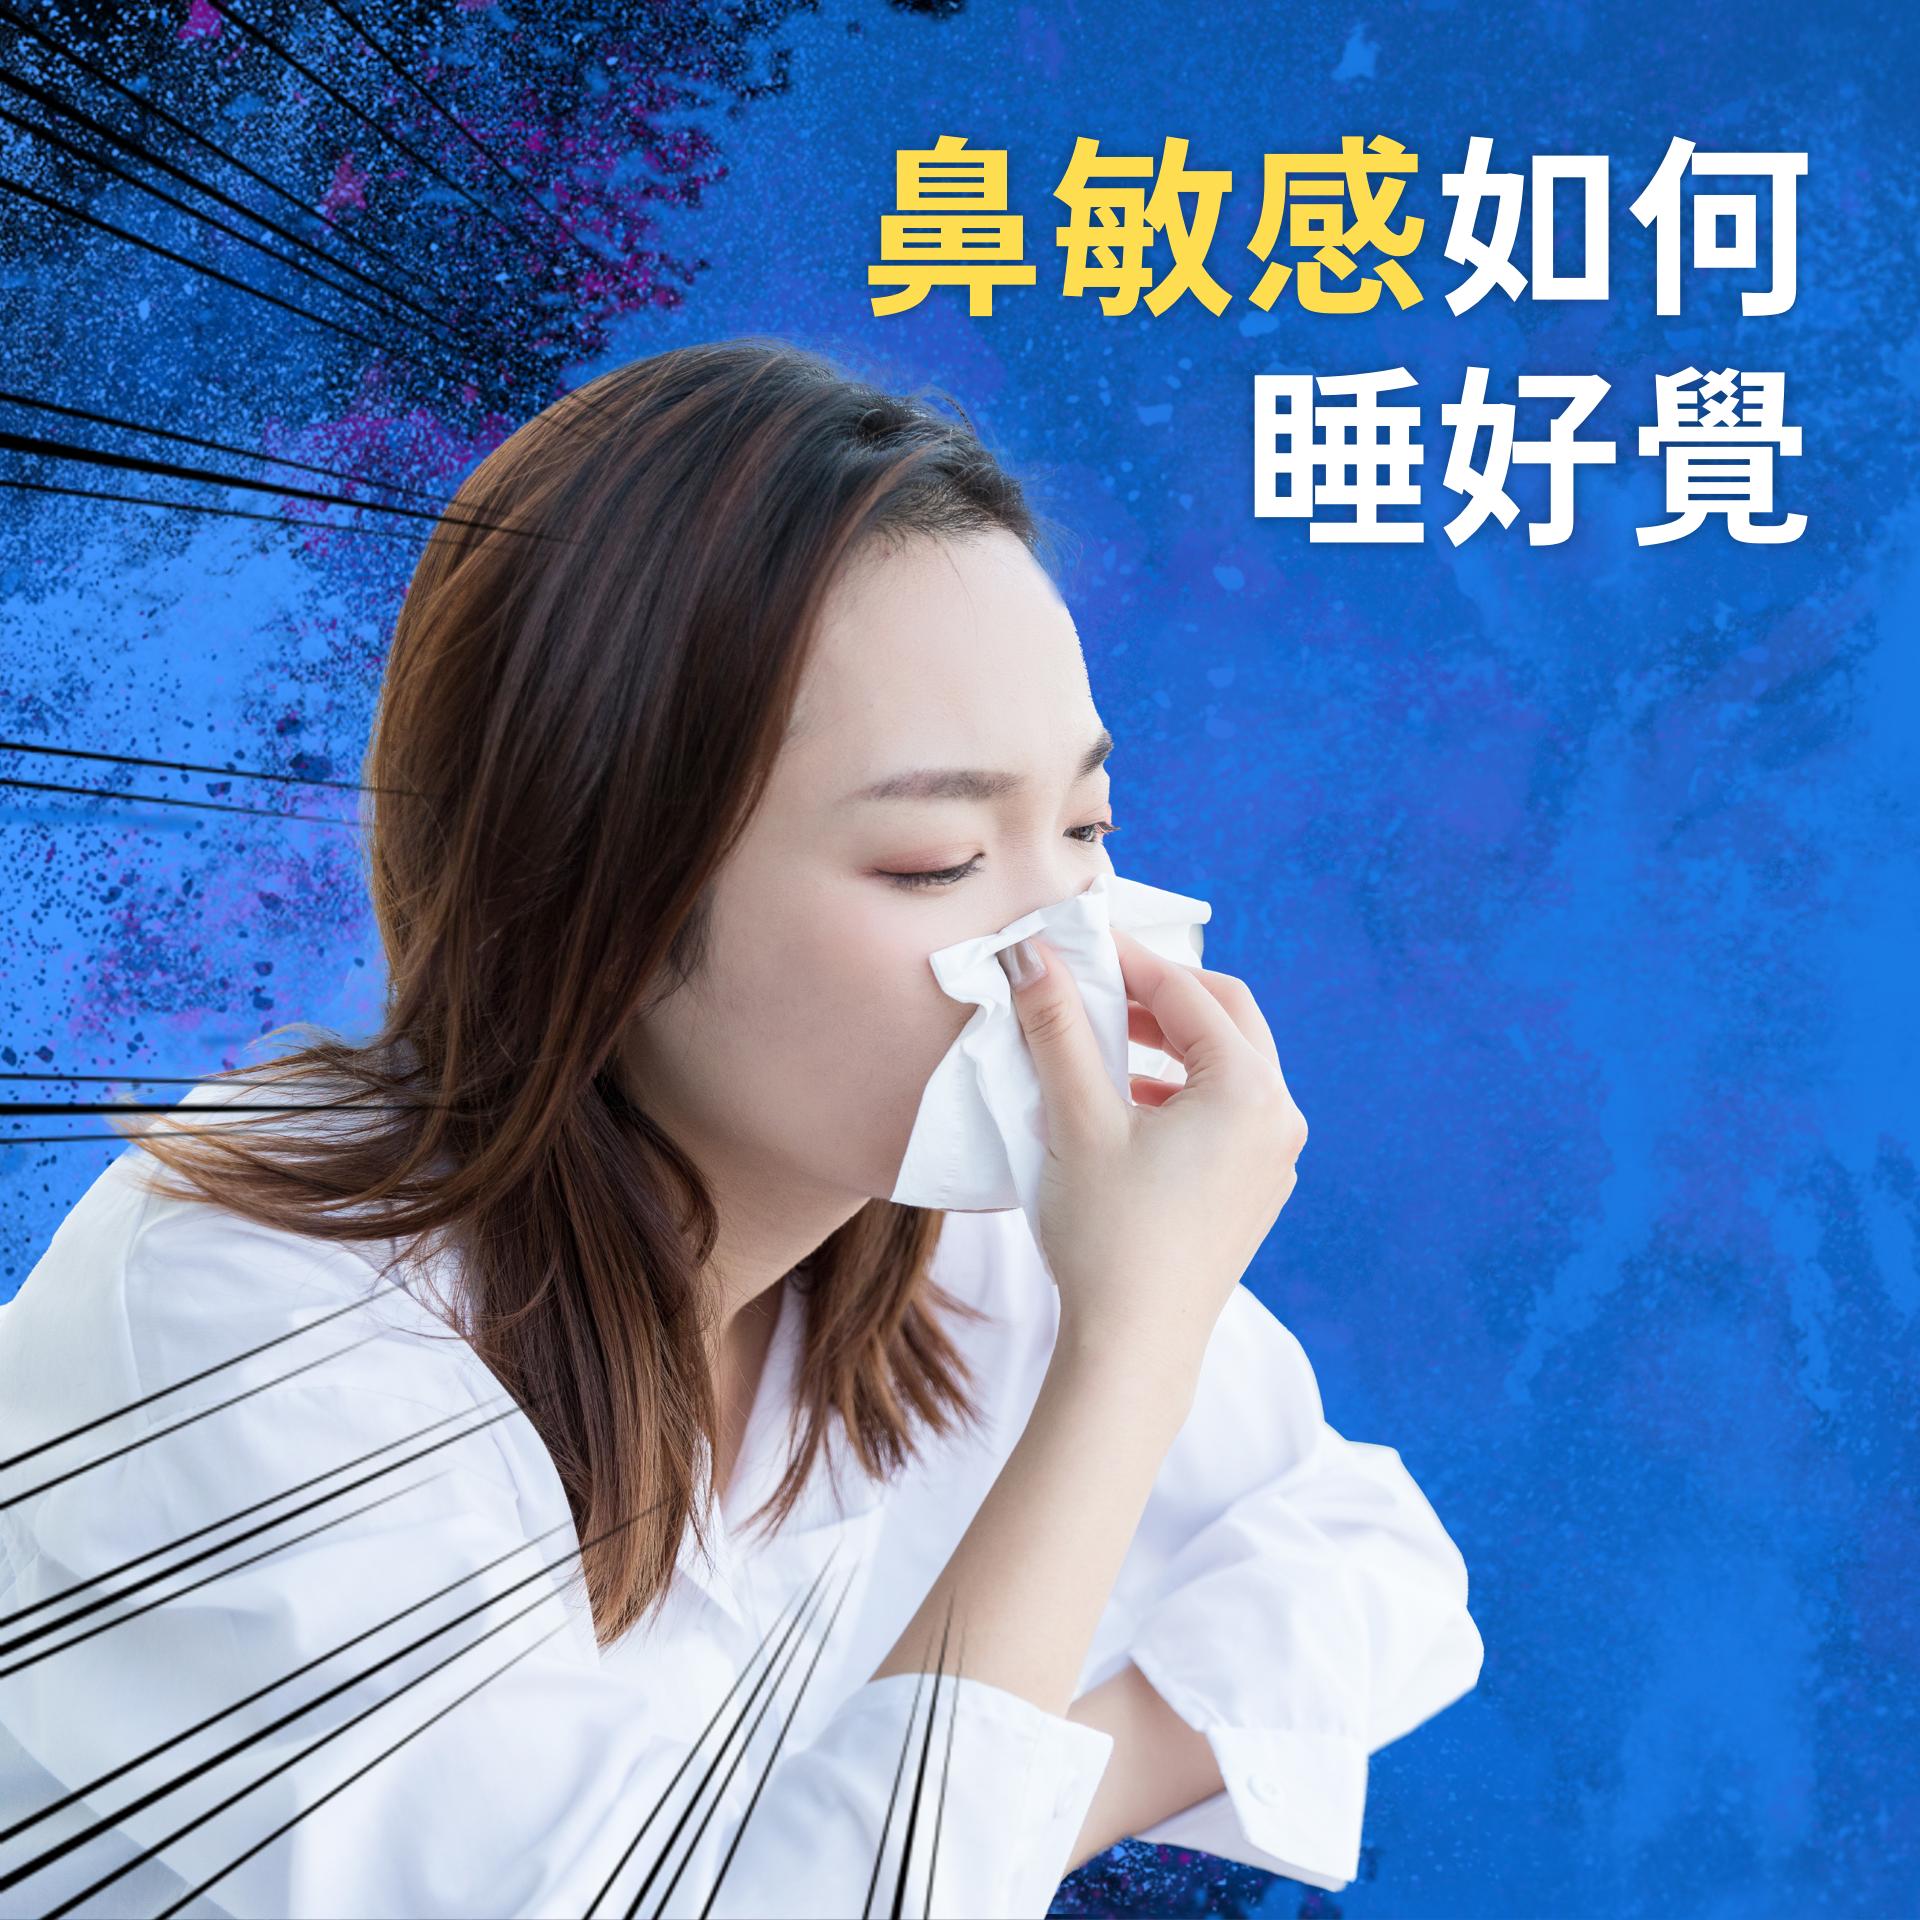 鼻敏感狂打噴嚏難入眠,中西醫如何舒緩敏感症狀?